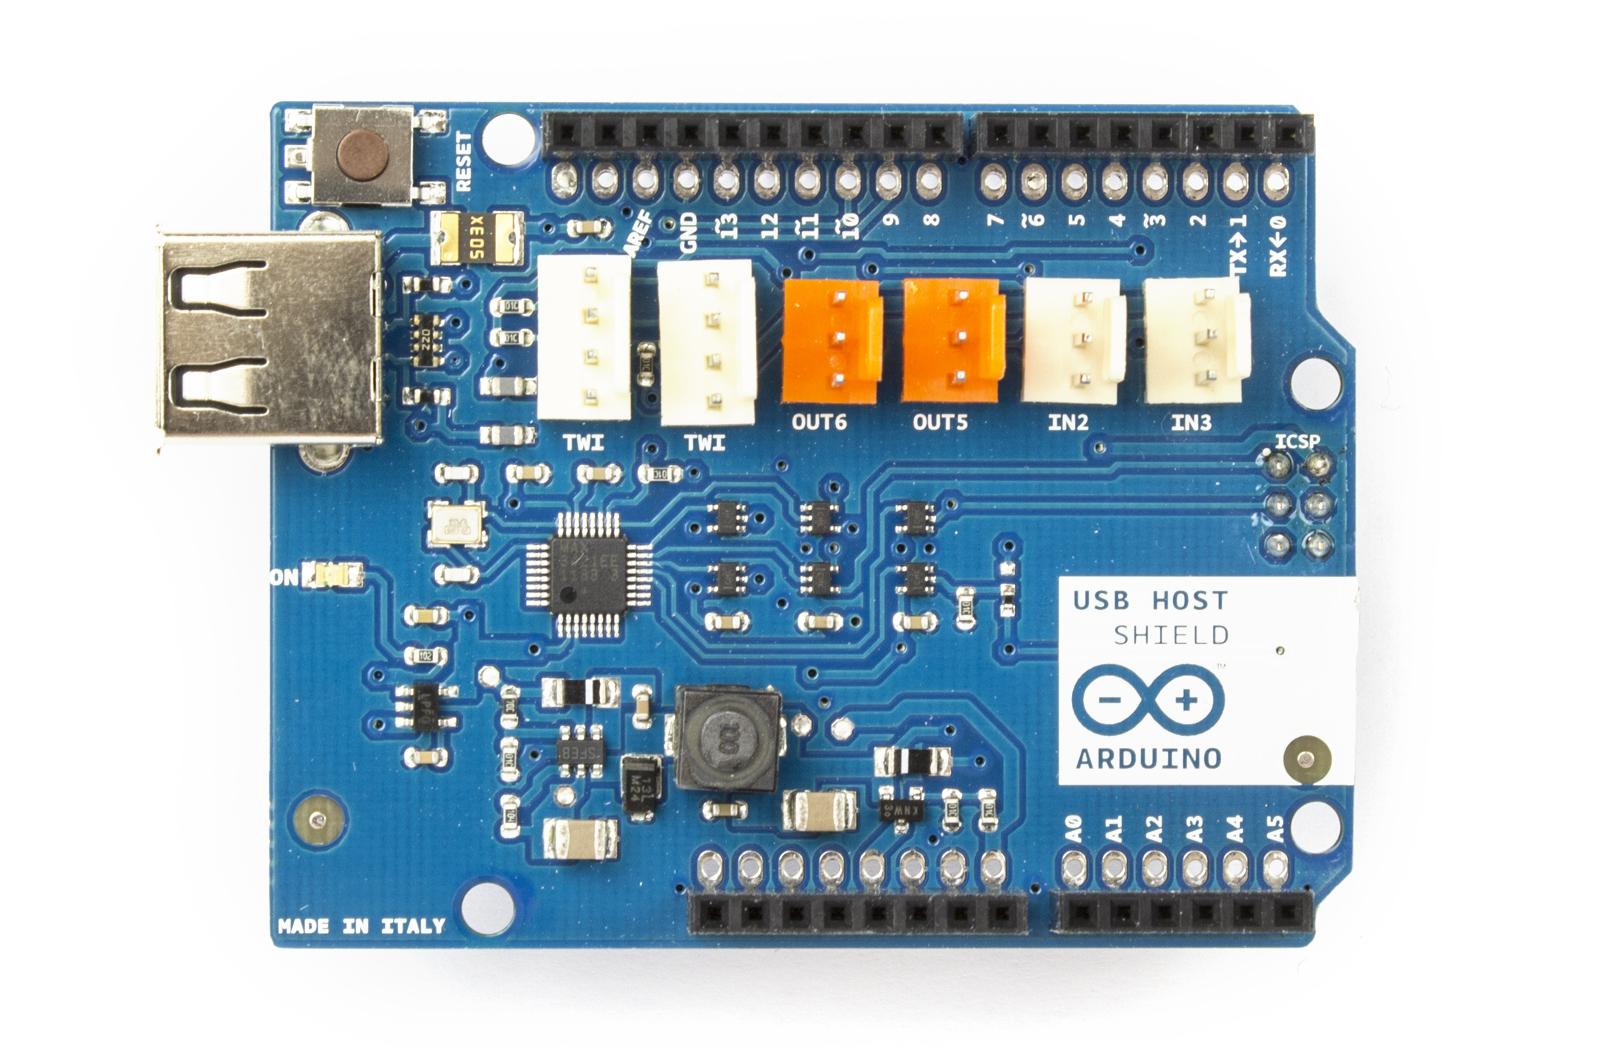 Arduino arduinousbhostshield